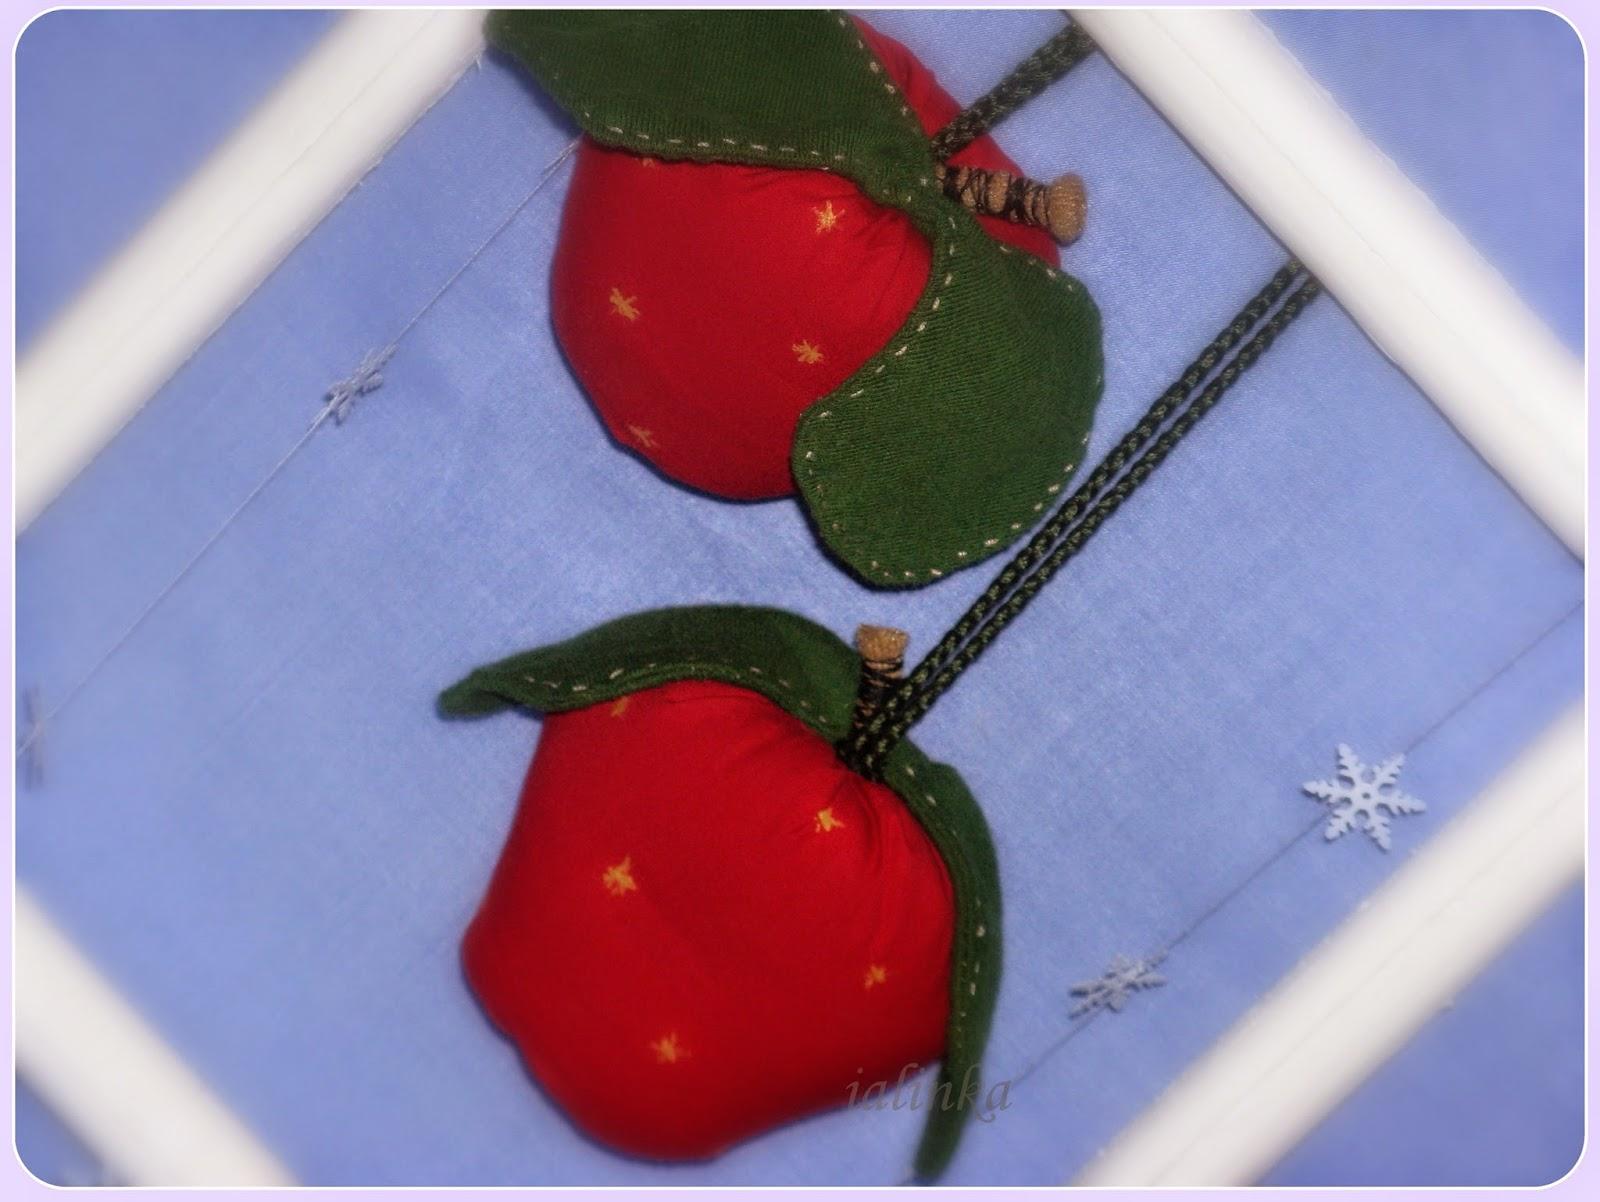 яблочки тильда елочные украшения своими руками